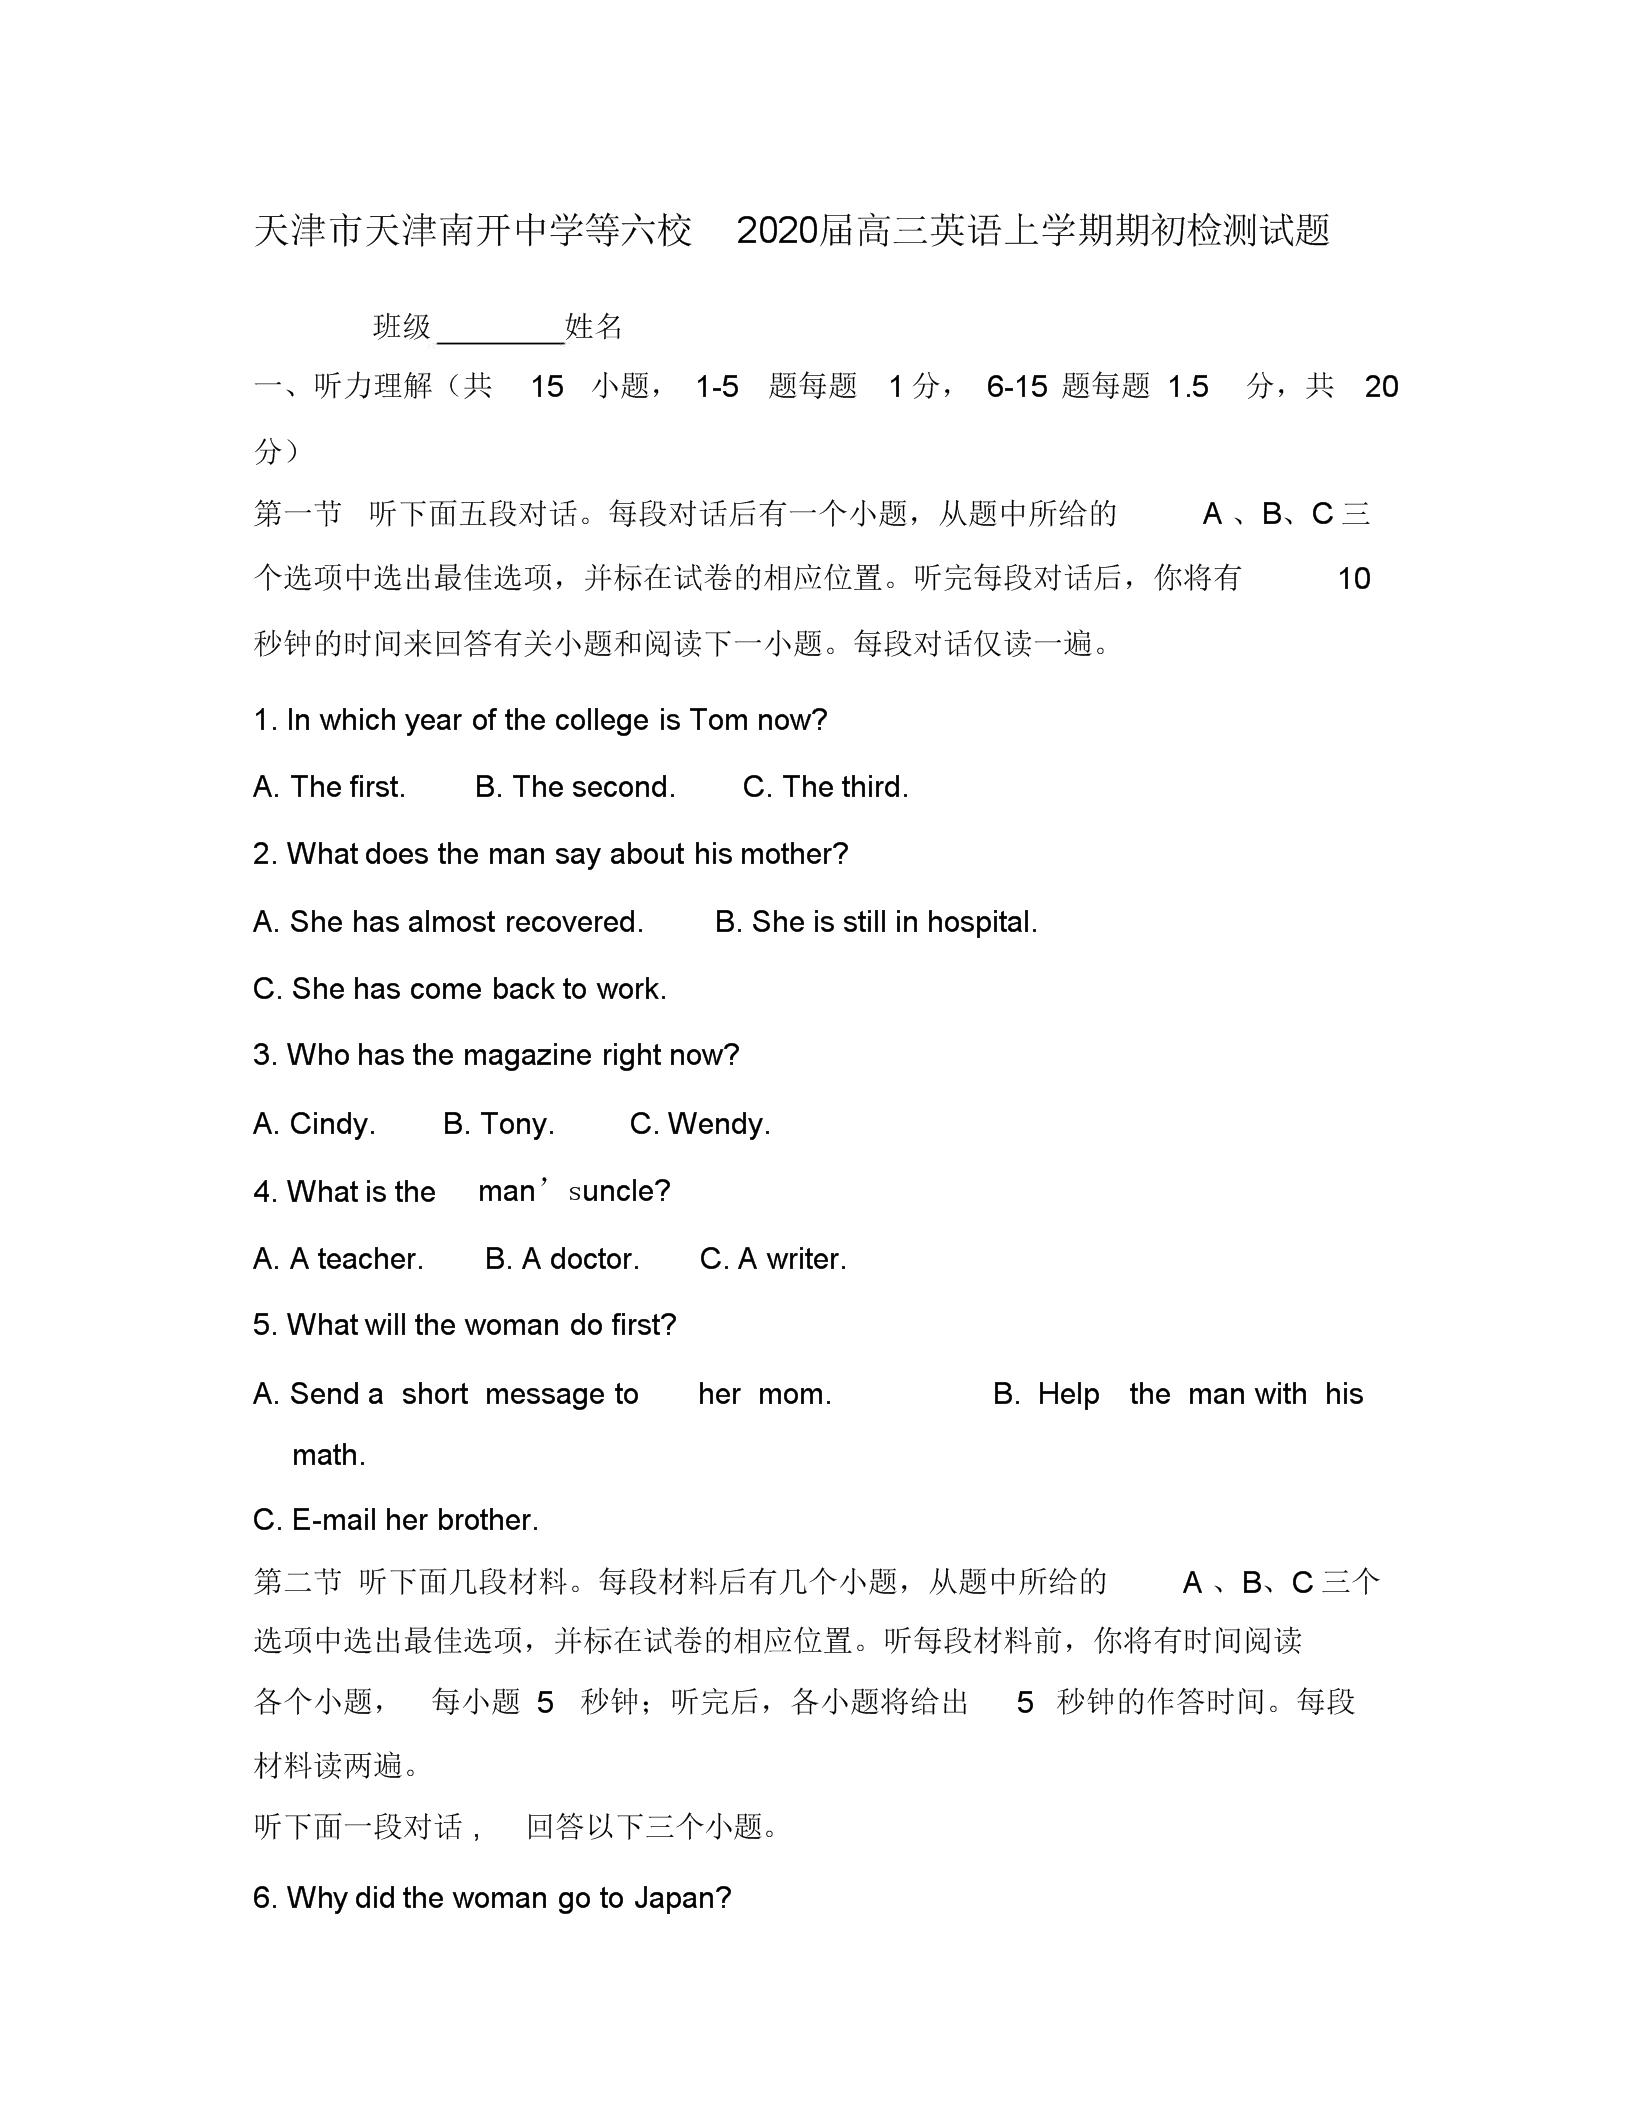 天津市天津南开中学等六校20xx届高三英语上学期期初检测试题.doc